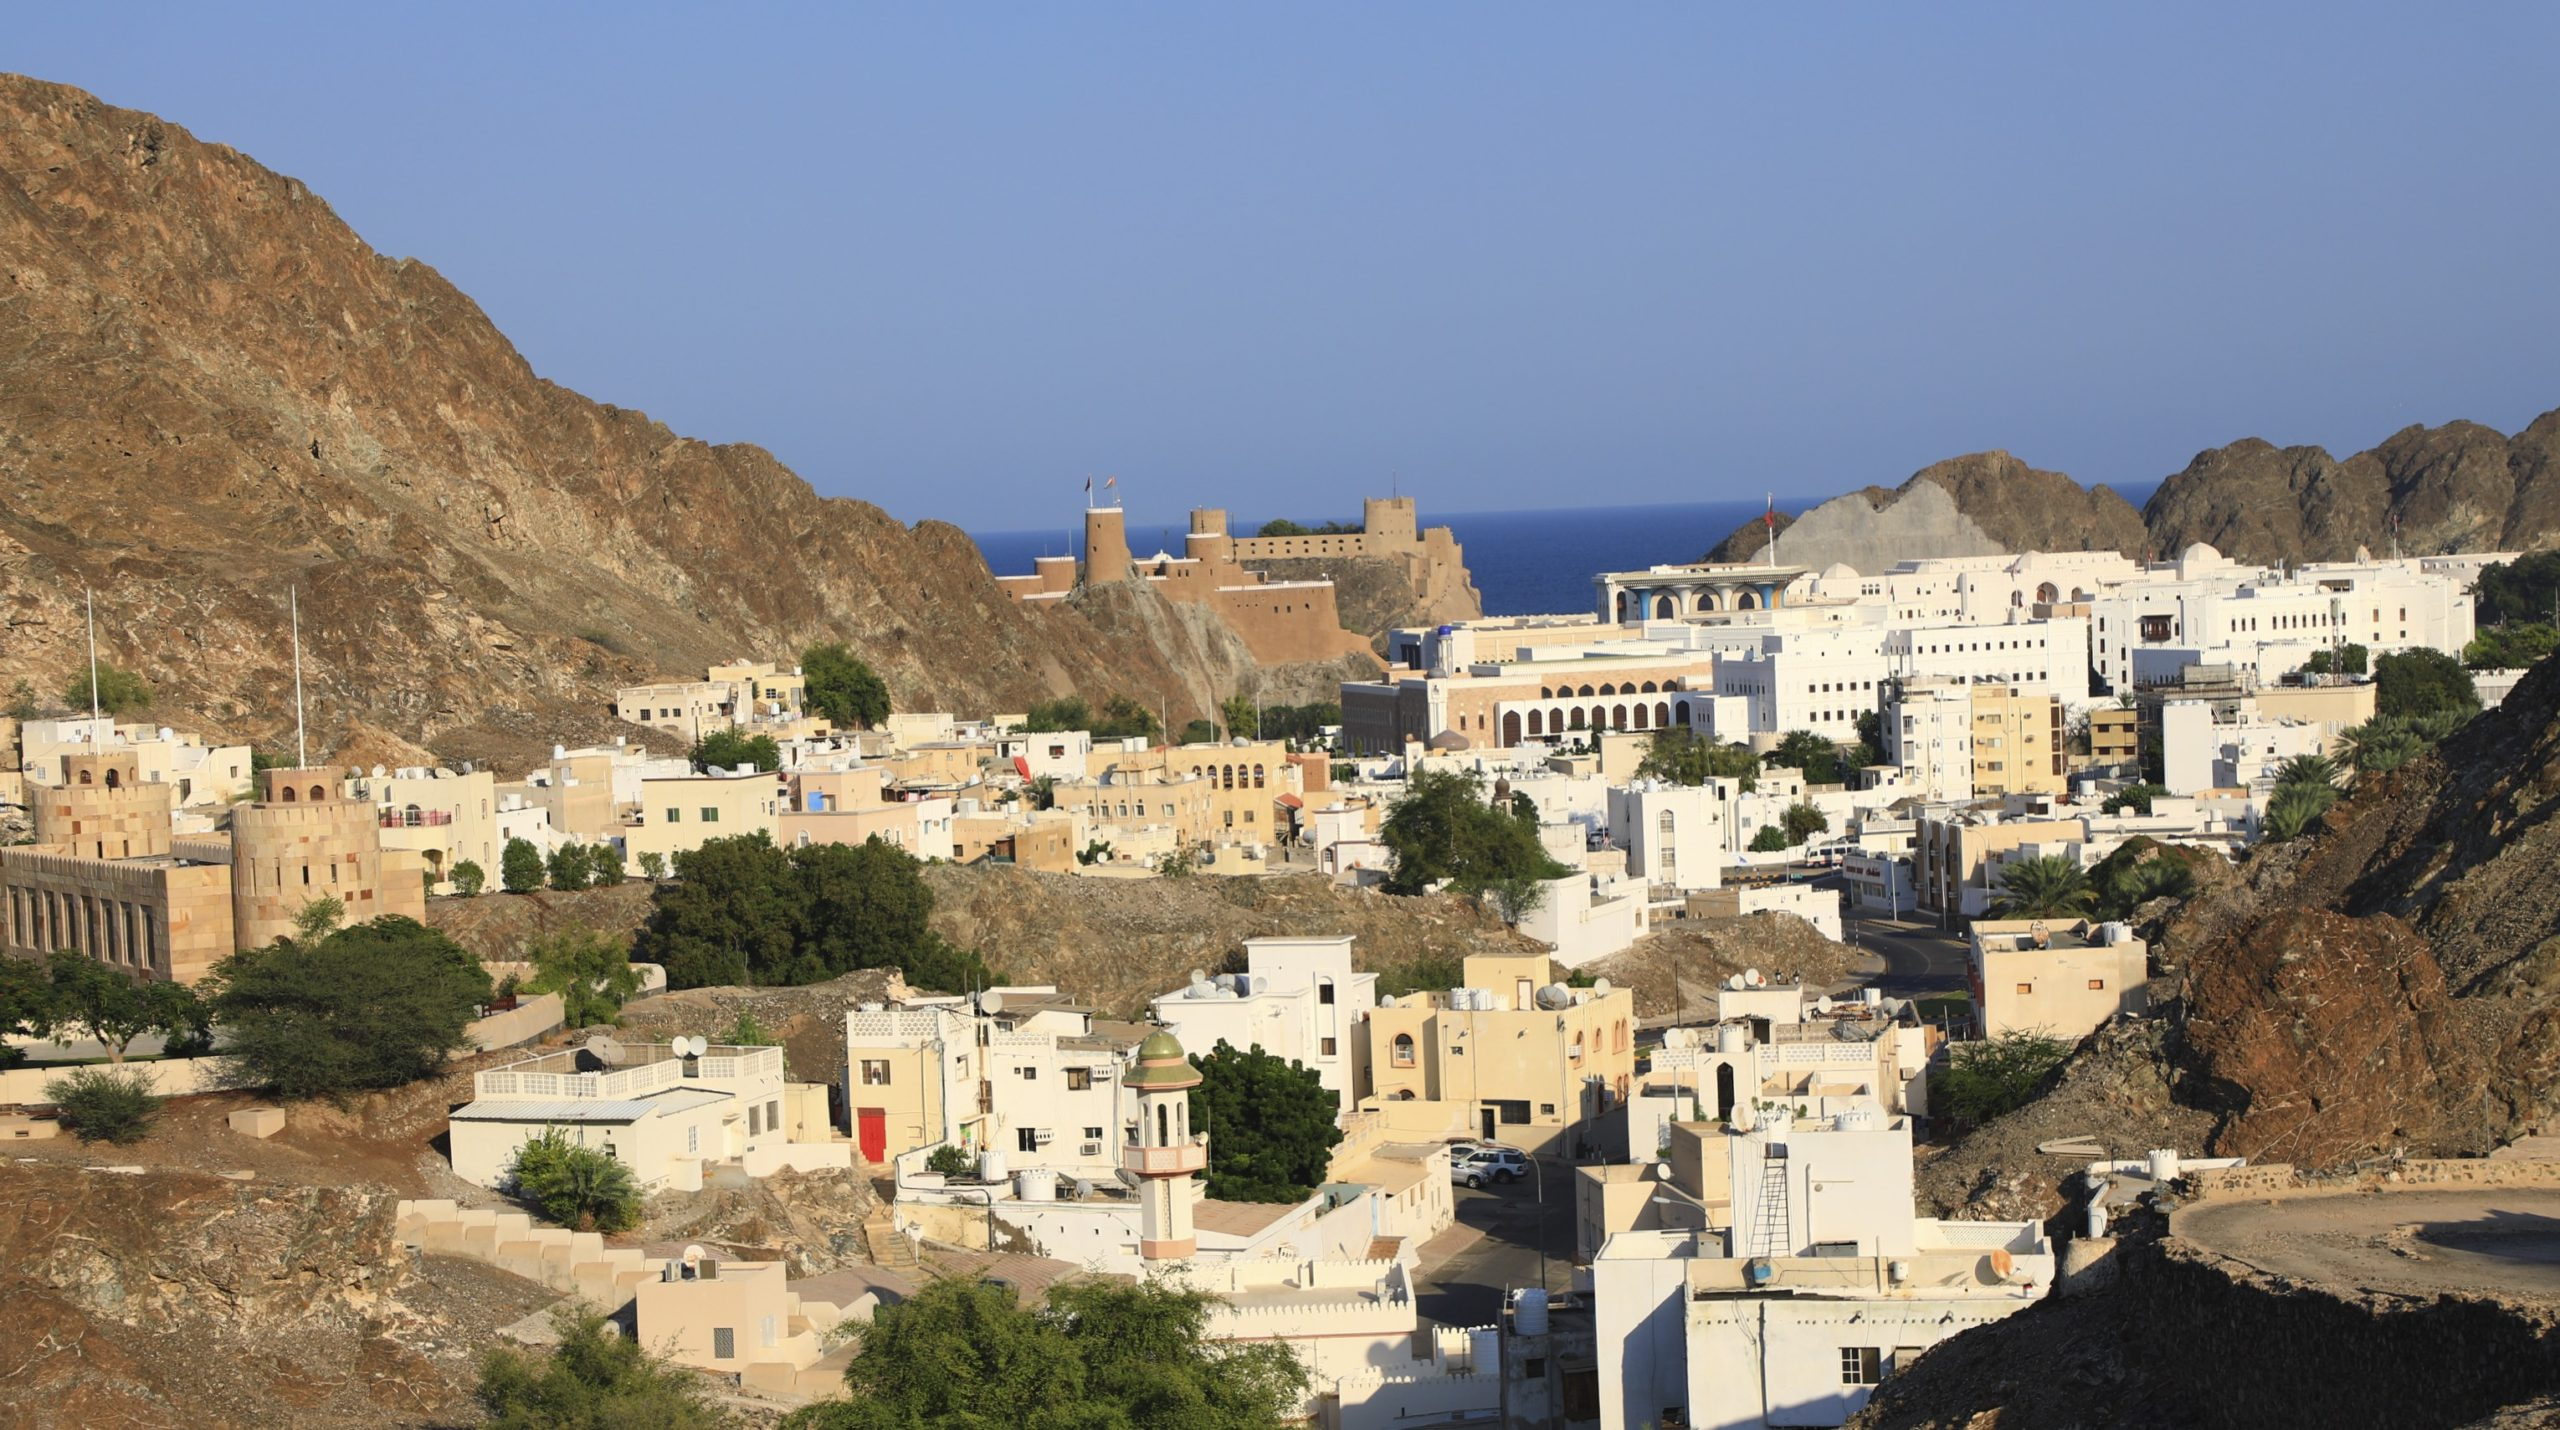 Le fort Almirani de Mascate